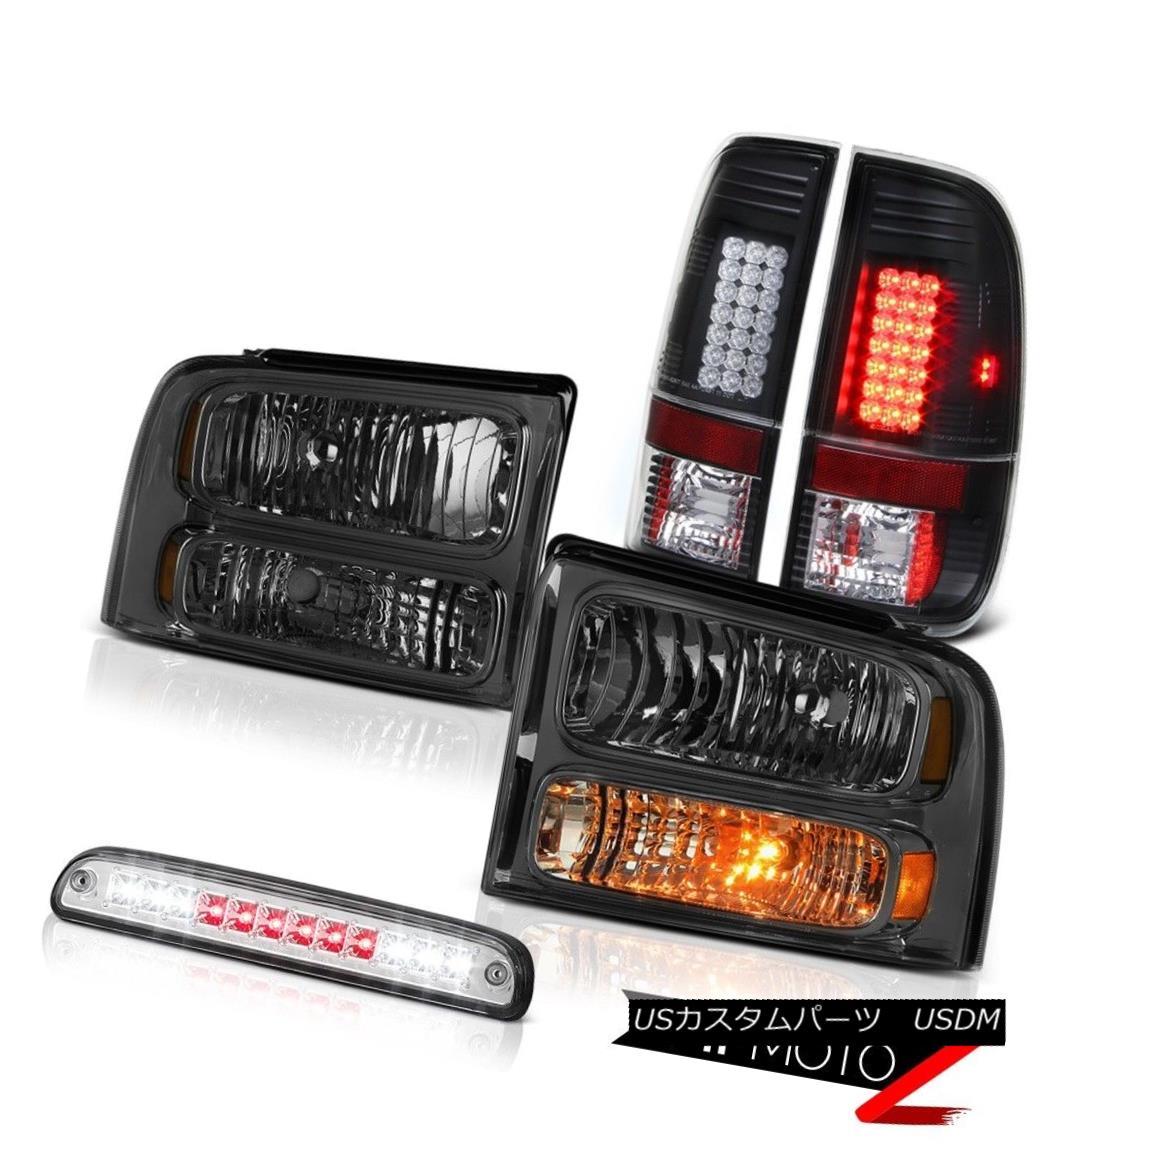 ヘッドライト 2005-2007 F350 Crystal Tinted Headlights Black Brake Tail Lights High Cargo LED 2005-2007 F350クリスタルティントヘッドライトブラックブレーキテールライトハイカーゴーLED